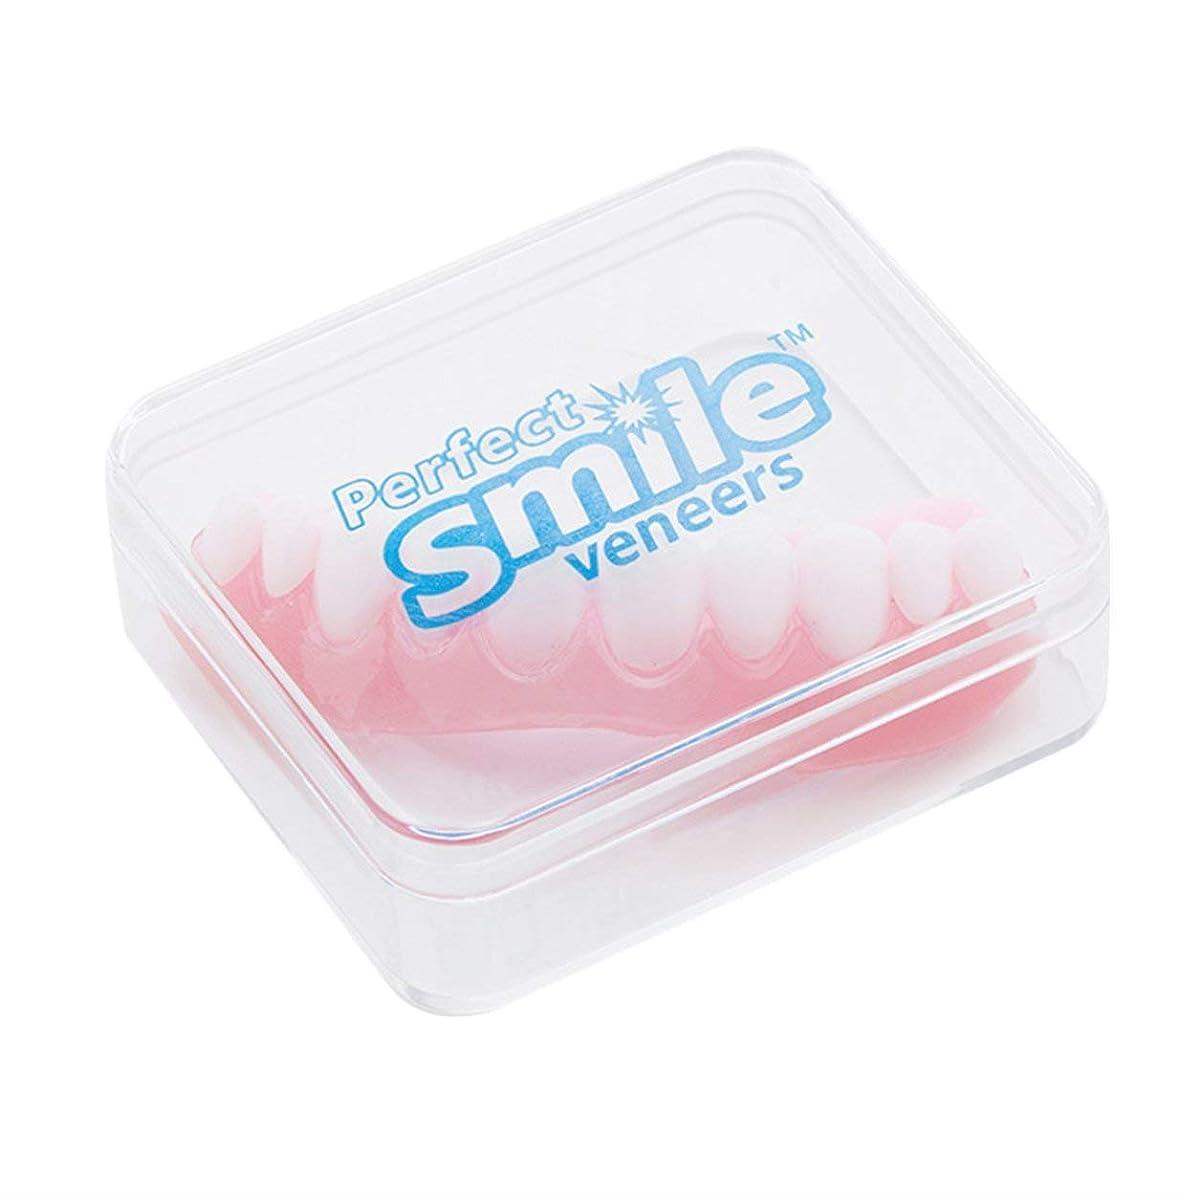 少なくとも契約した最愛のSaikogoods 歯用ツール 歯清潔 パーフェクトインスタントスマイルコンフォートフレックスホワイトニング義歯は、入れ歯アッパー化粧ベニア歯カバービューティツールを貼り付け 赤、白 小さなプラスチック製の箱のパッケージ